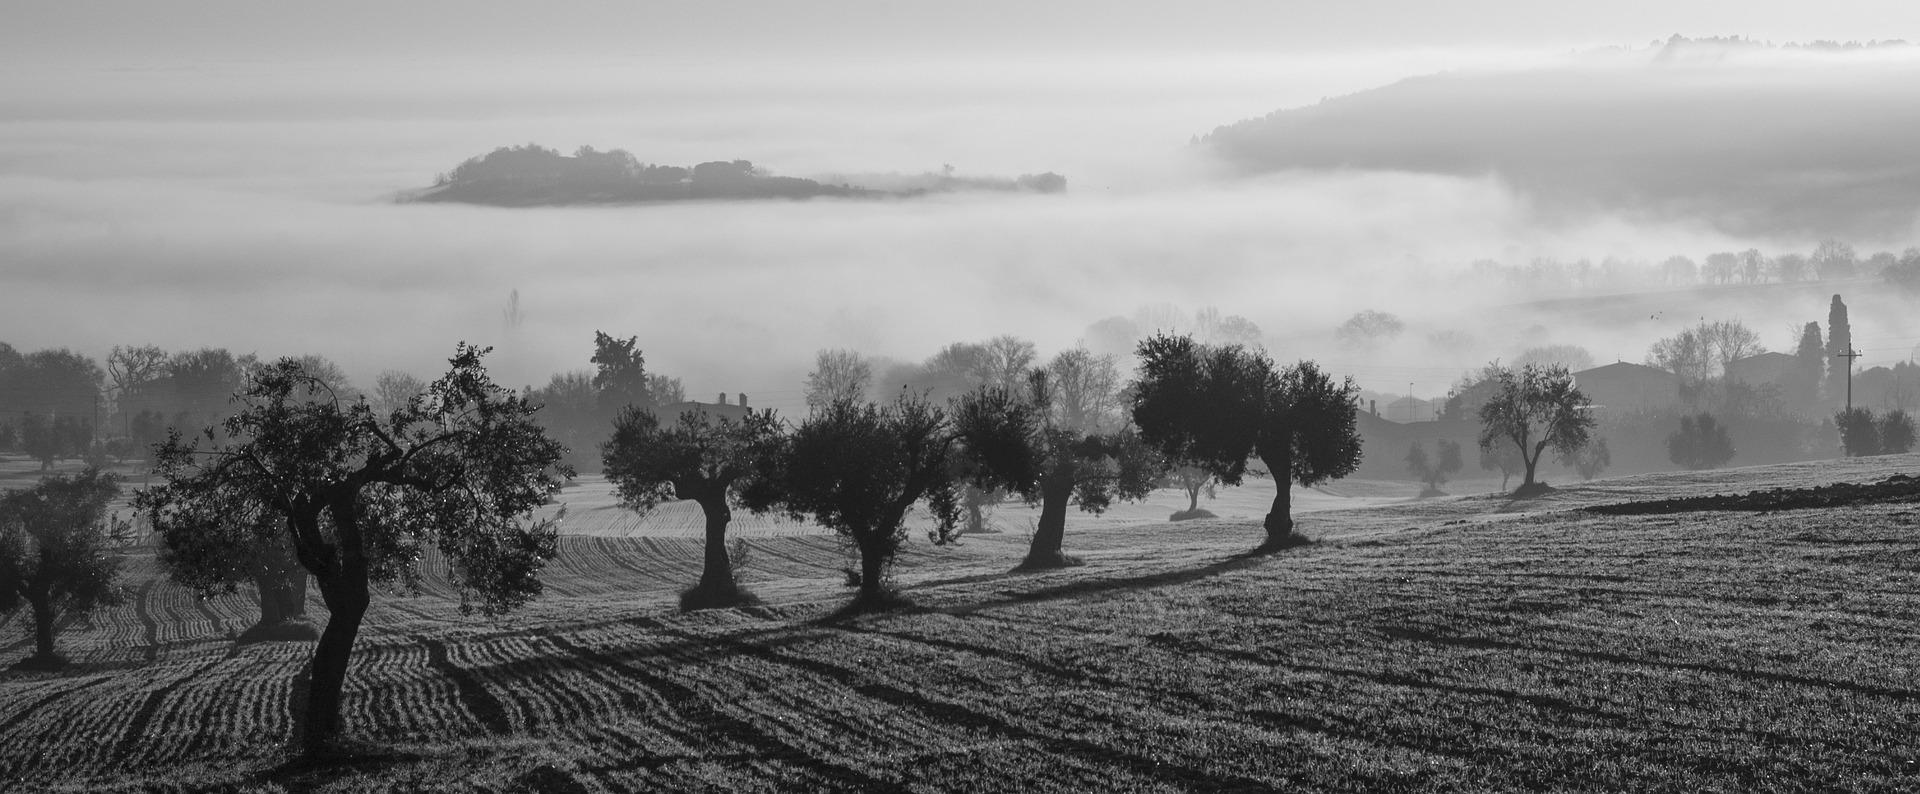 La nascita dell'albero di ulivo: la leggenda greca.